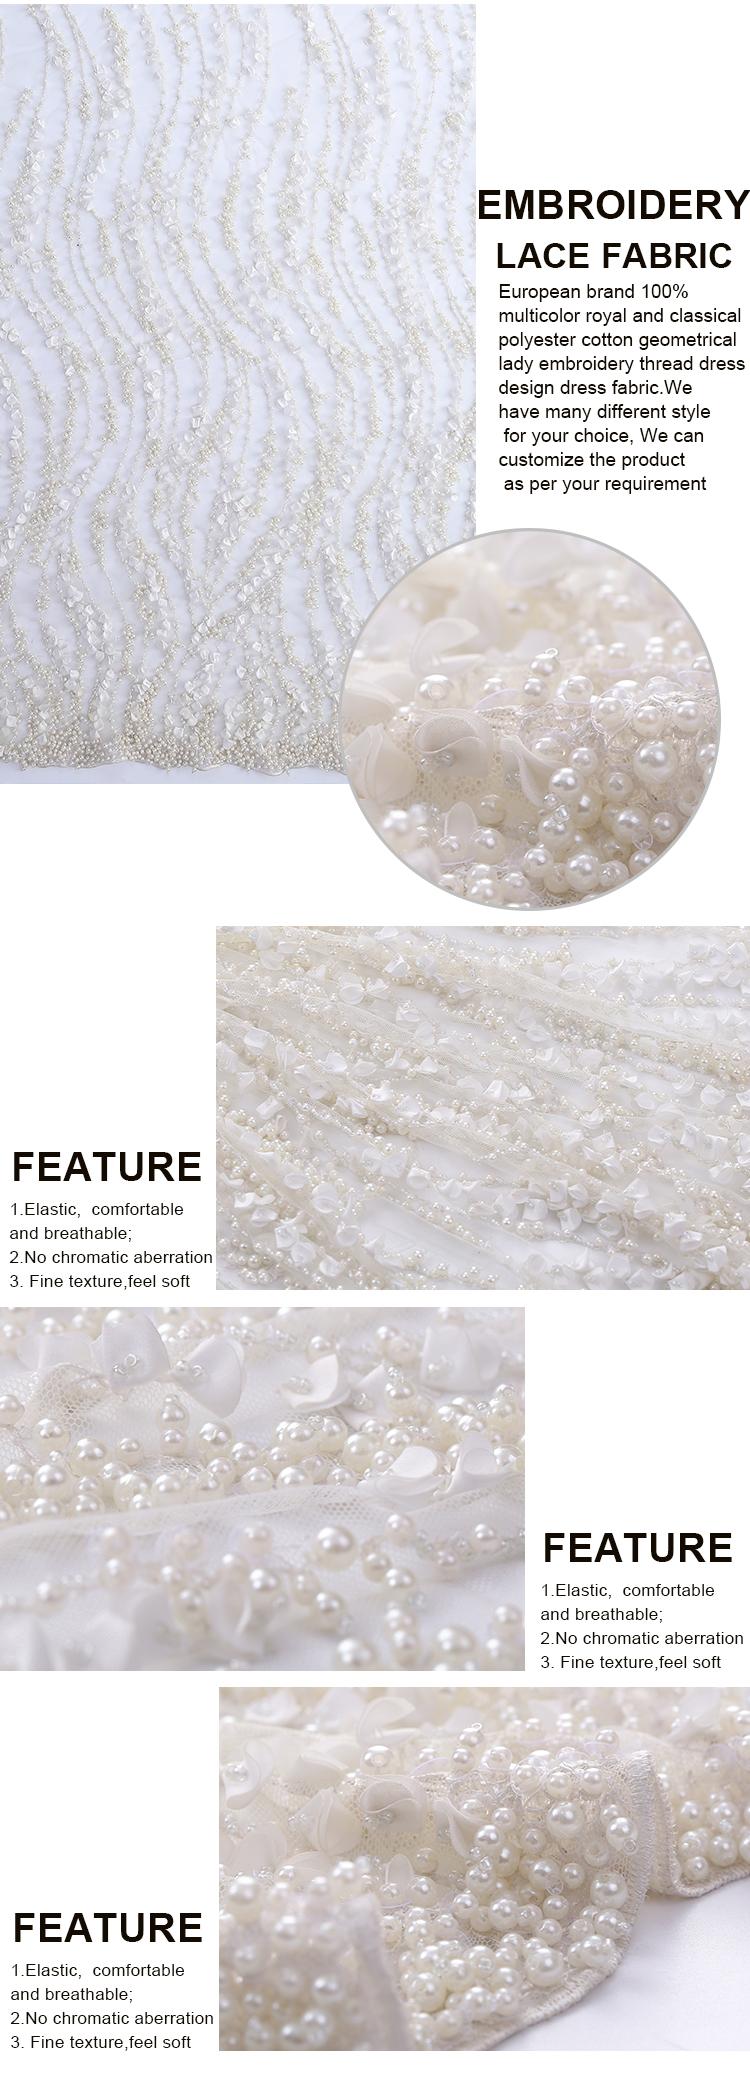 Luxuriöse Perlenabendhochzeitskleidprinzessin-Brautstickereihandarbeit schwere Perle schweres perlenbesetztes Spitzegewebe